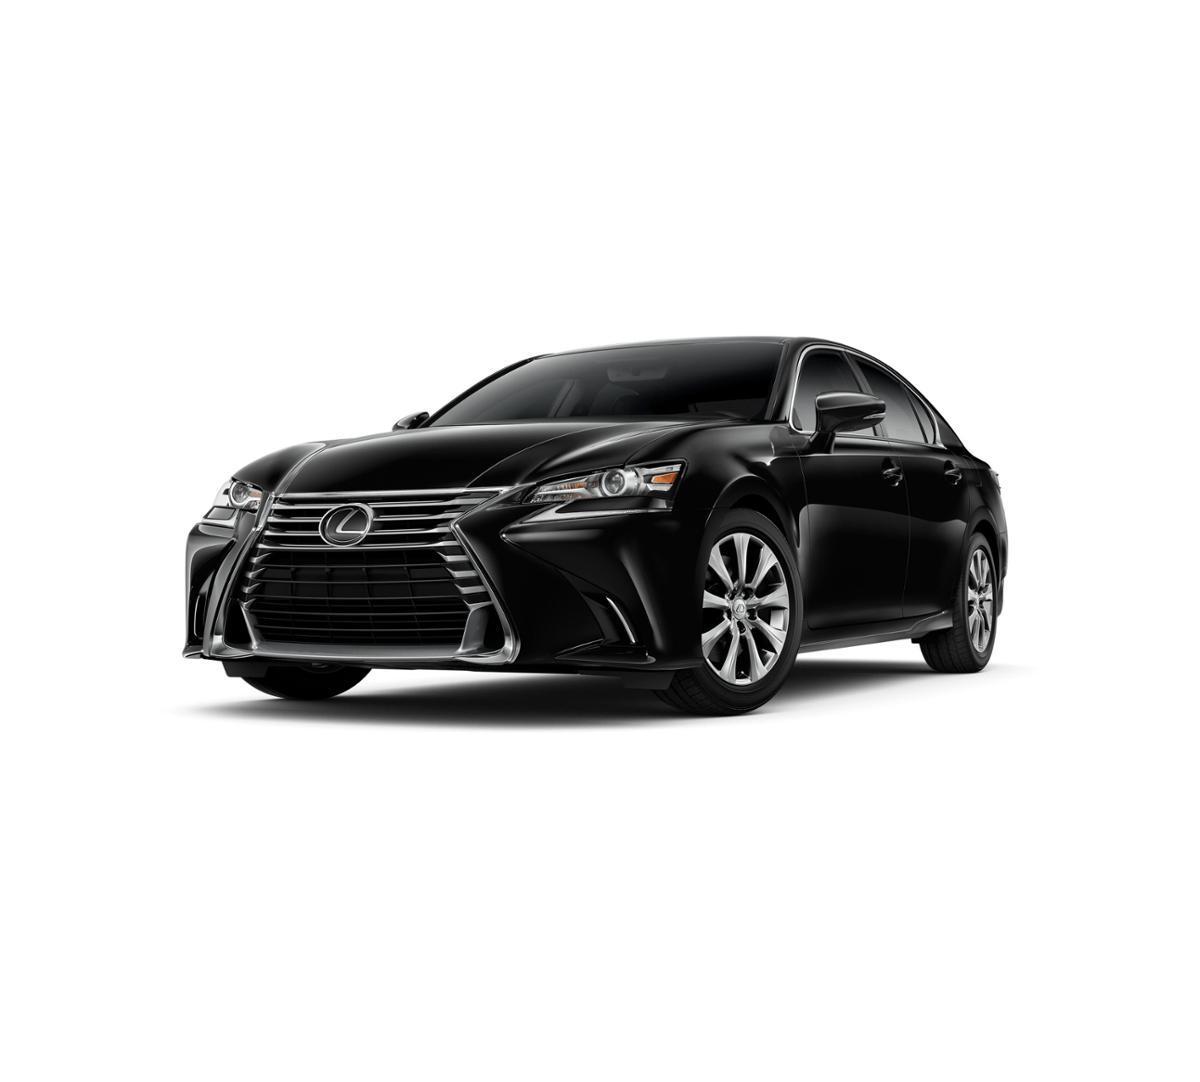 Lexus Gs For Sale: New 2016 Lexus GS 350 For Sale In Rockville Centre, NY